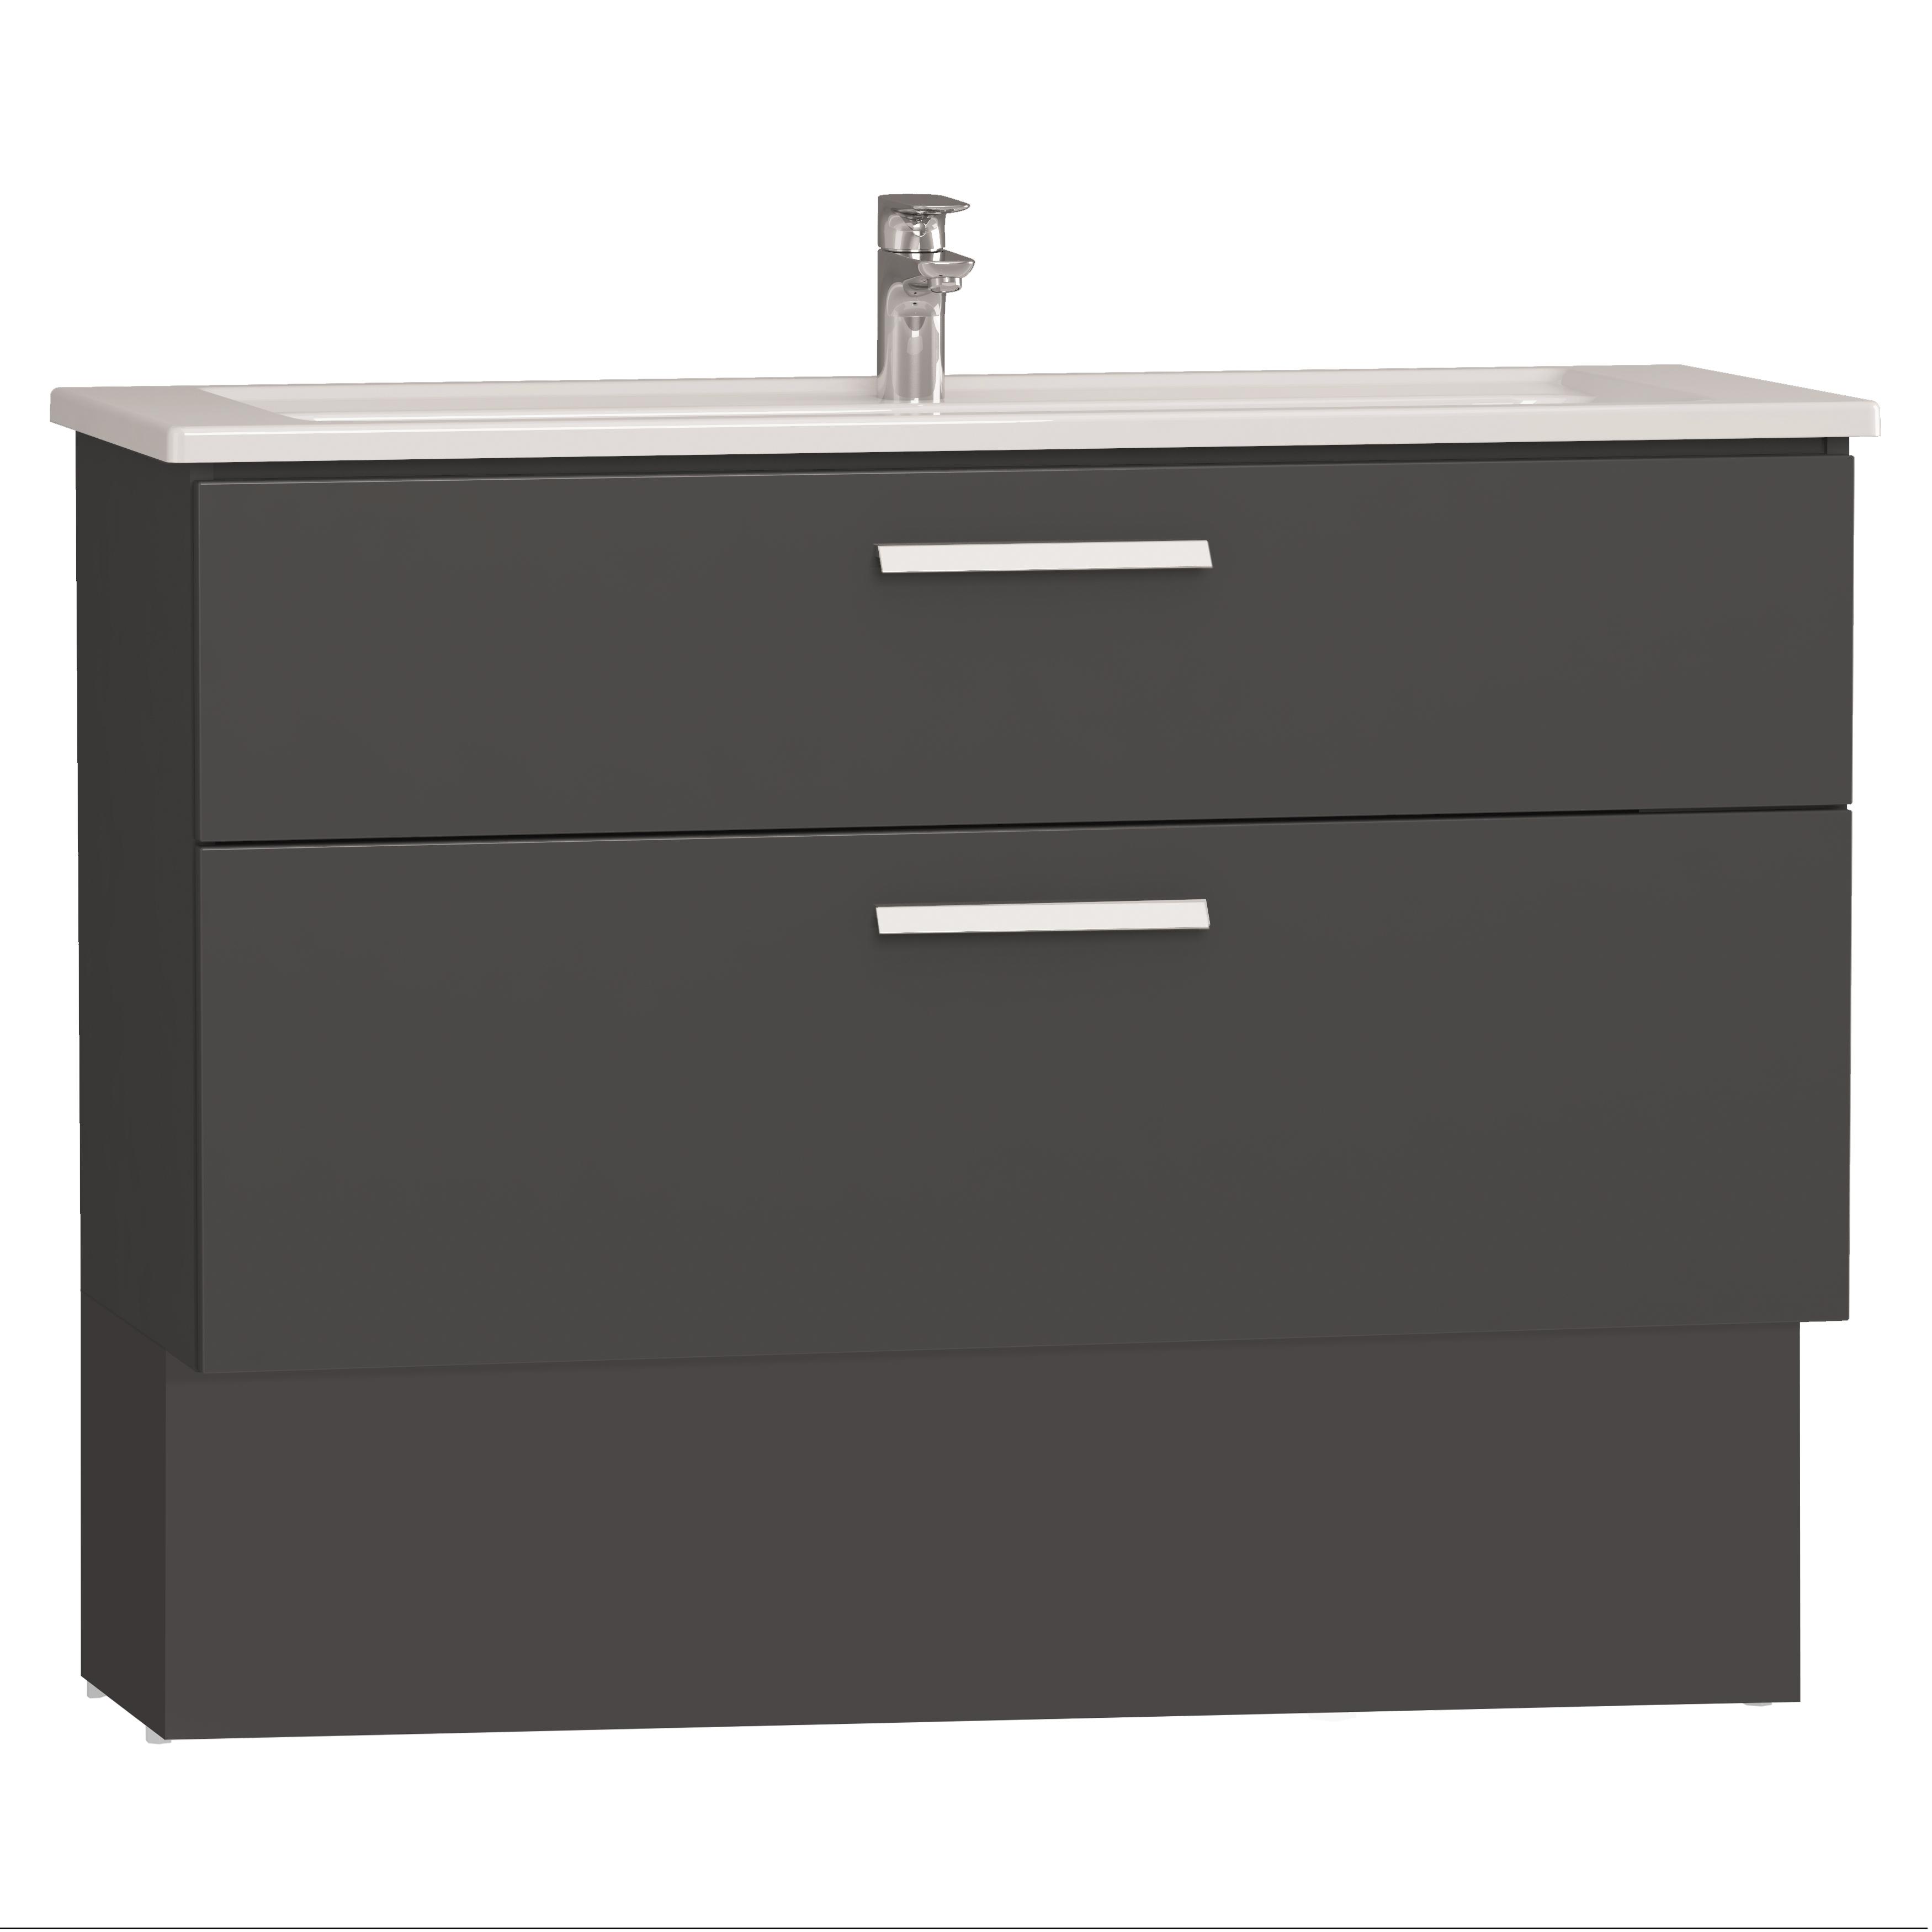 Integra socle pour meuble avec plan céramique avec deux tiroirs, 120 cm, anthraciteacite haute brillance